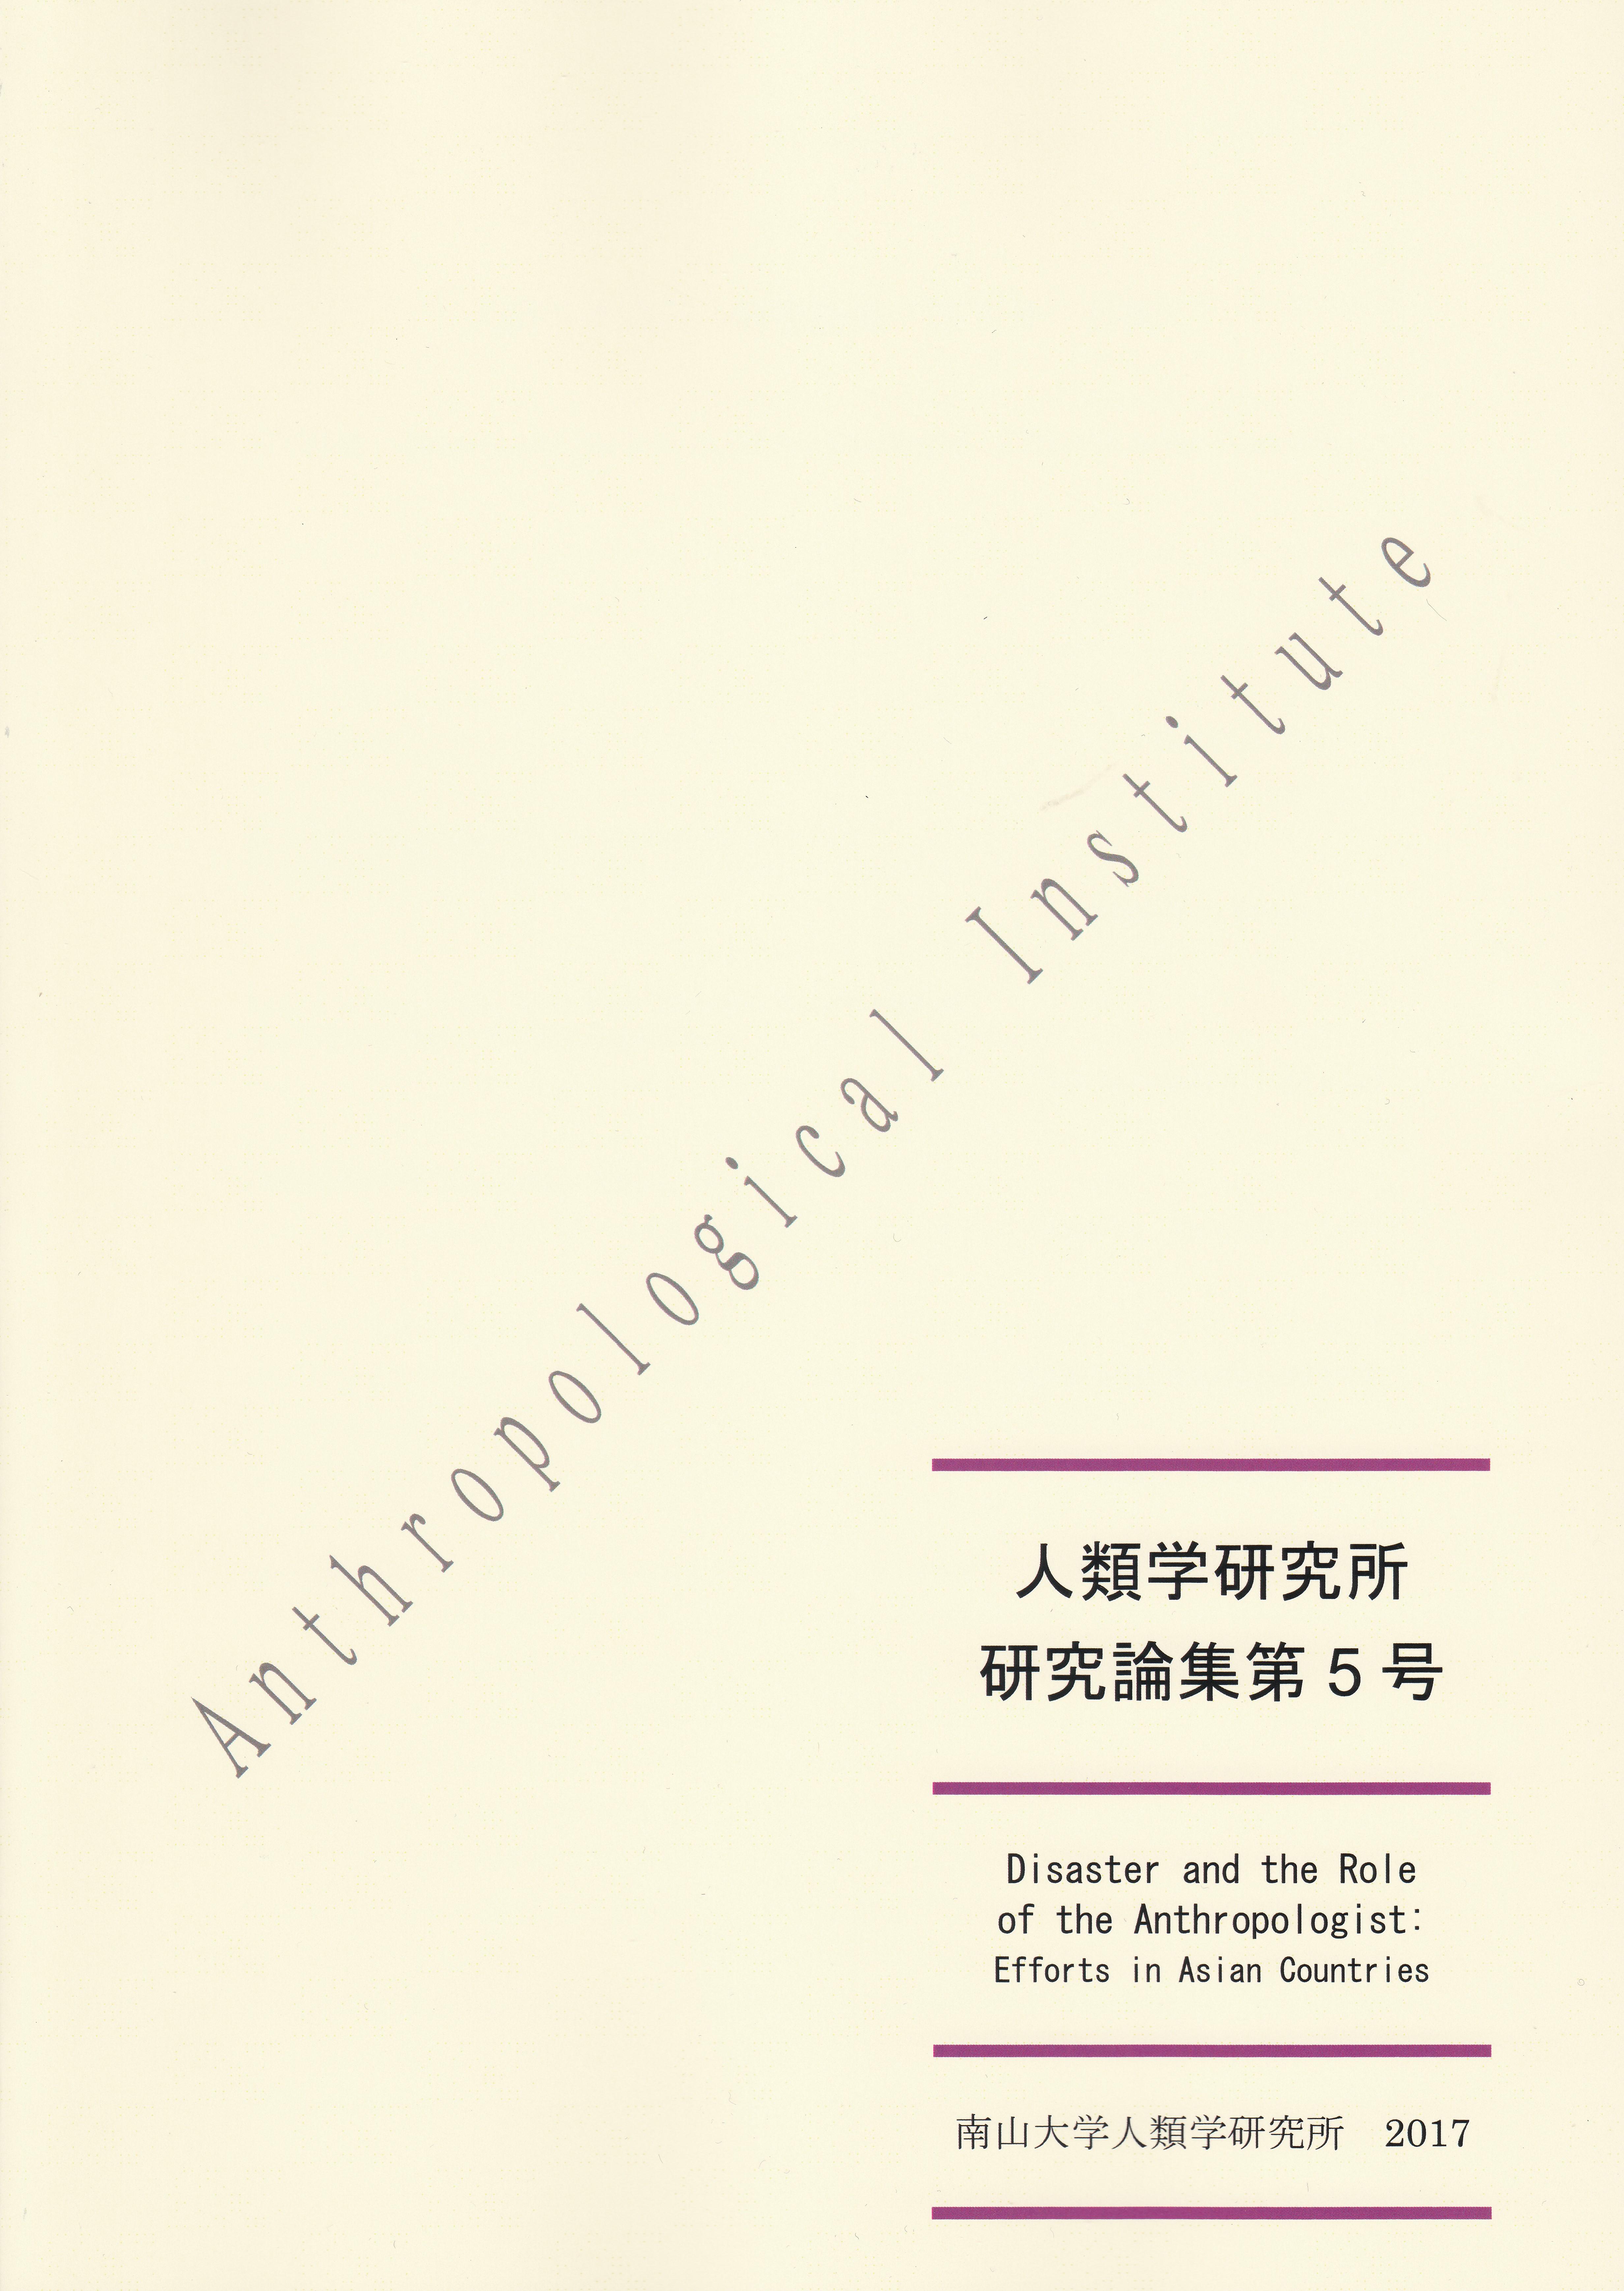 『人類学研究所 研究論集』第5号 2017年(Disaster and the Role of the Anthropologist: Efforts in Asian Countries)